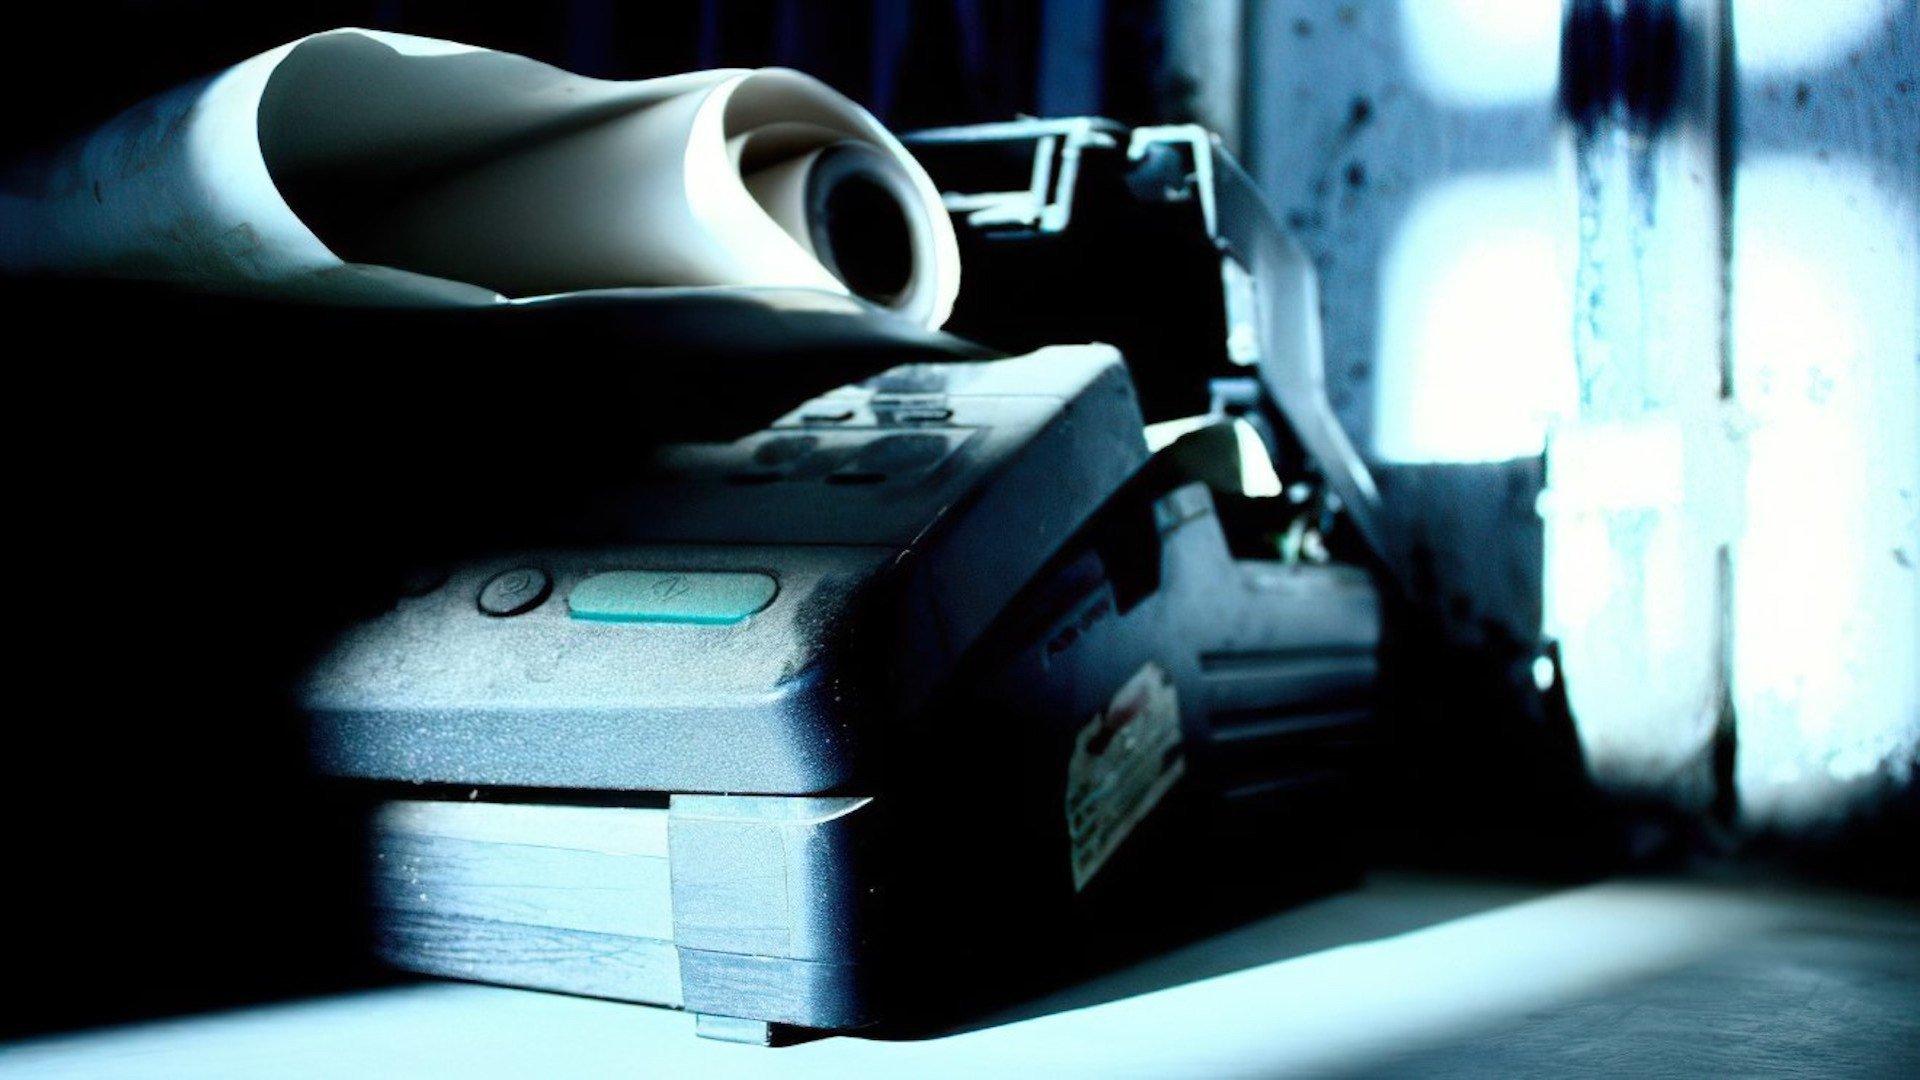 Kommunikation, Papier, Fax